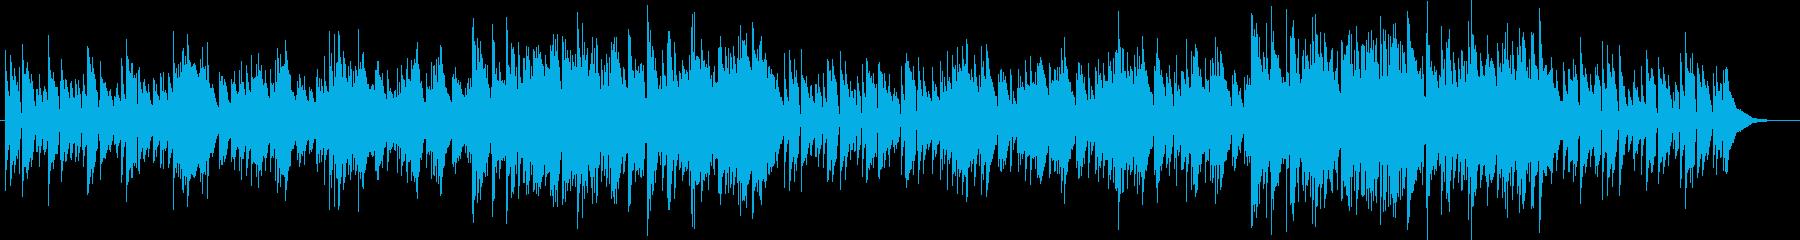 アコギ生演奏 しっとり 美しい 印象派の再生済みの波形